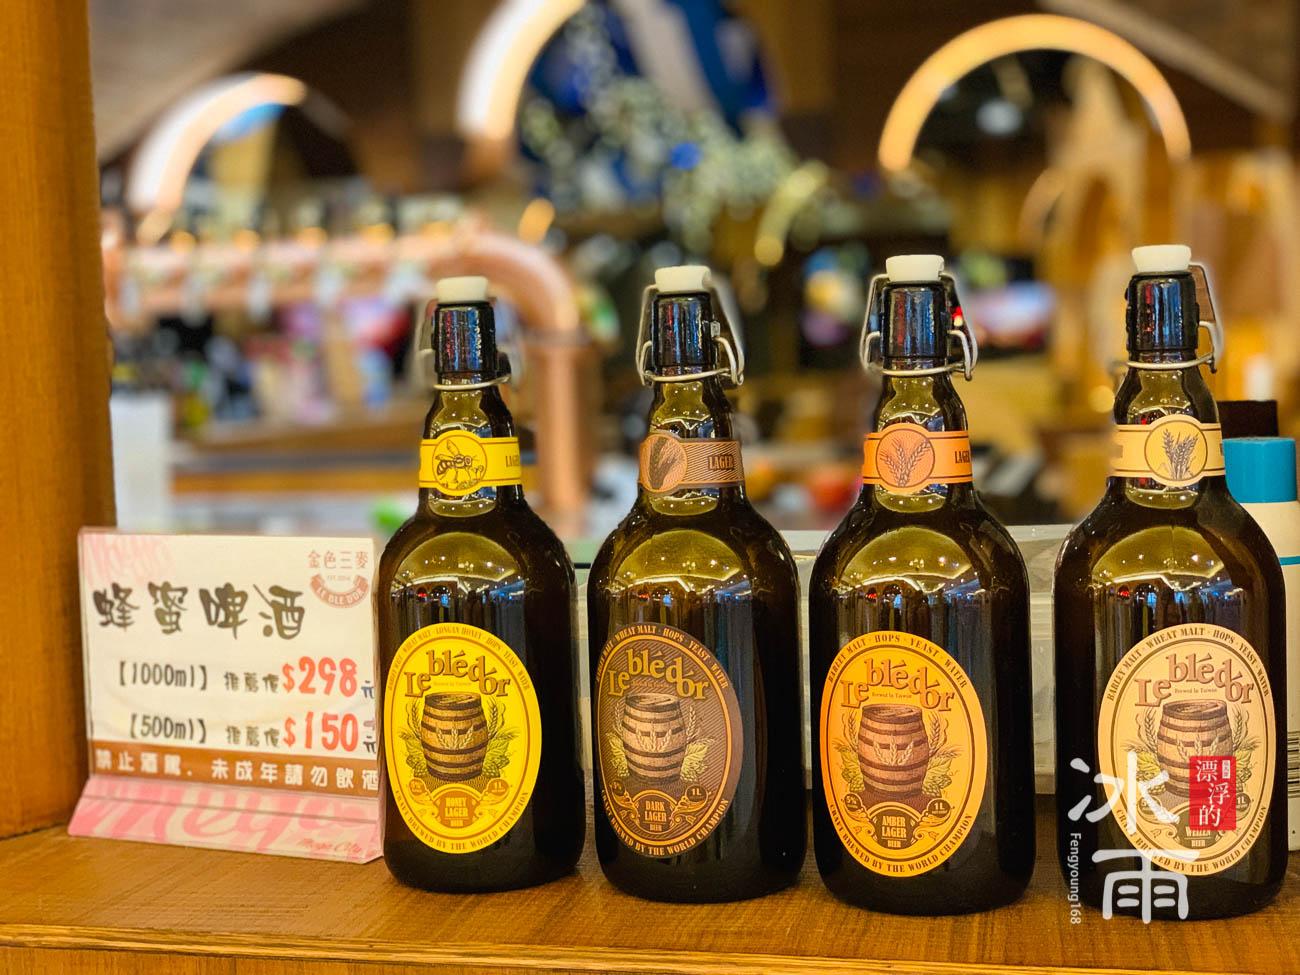 金色三麥板橋大遠百店 提供風味獨特的蜂蜜啤酒